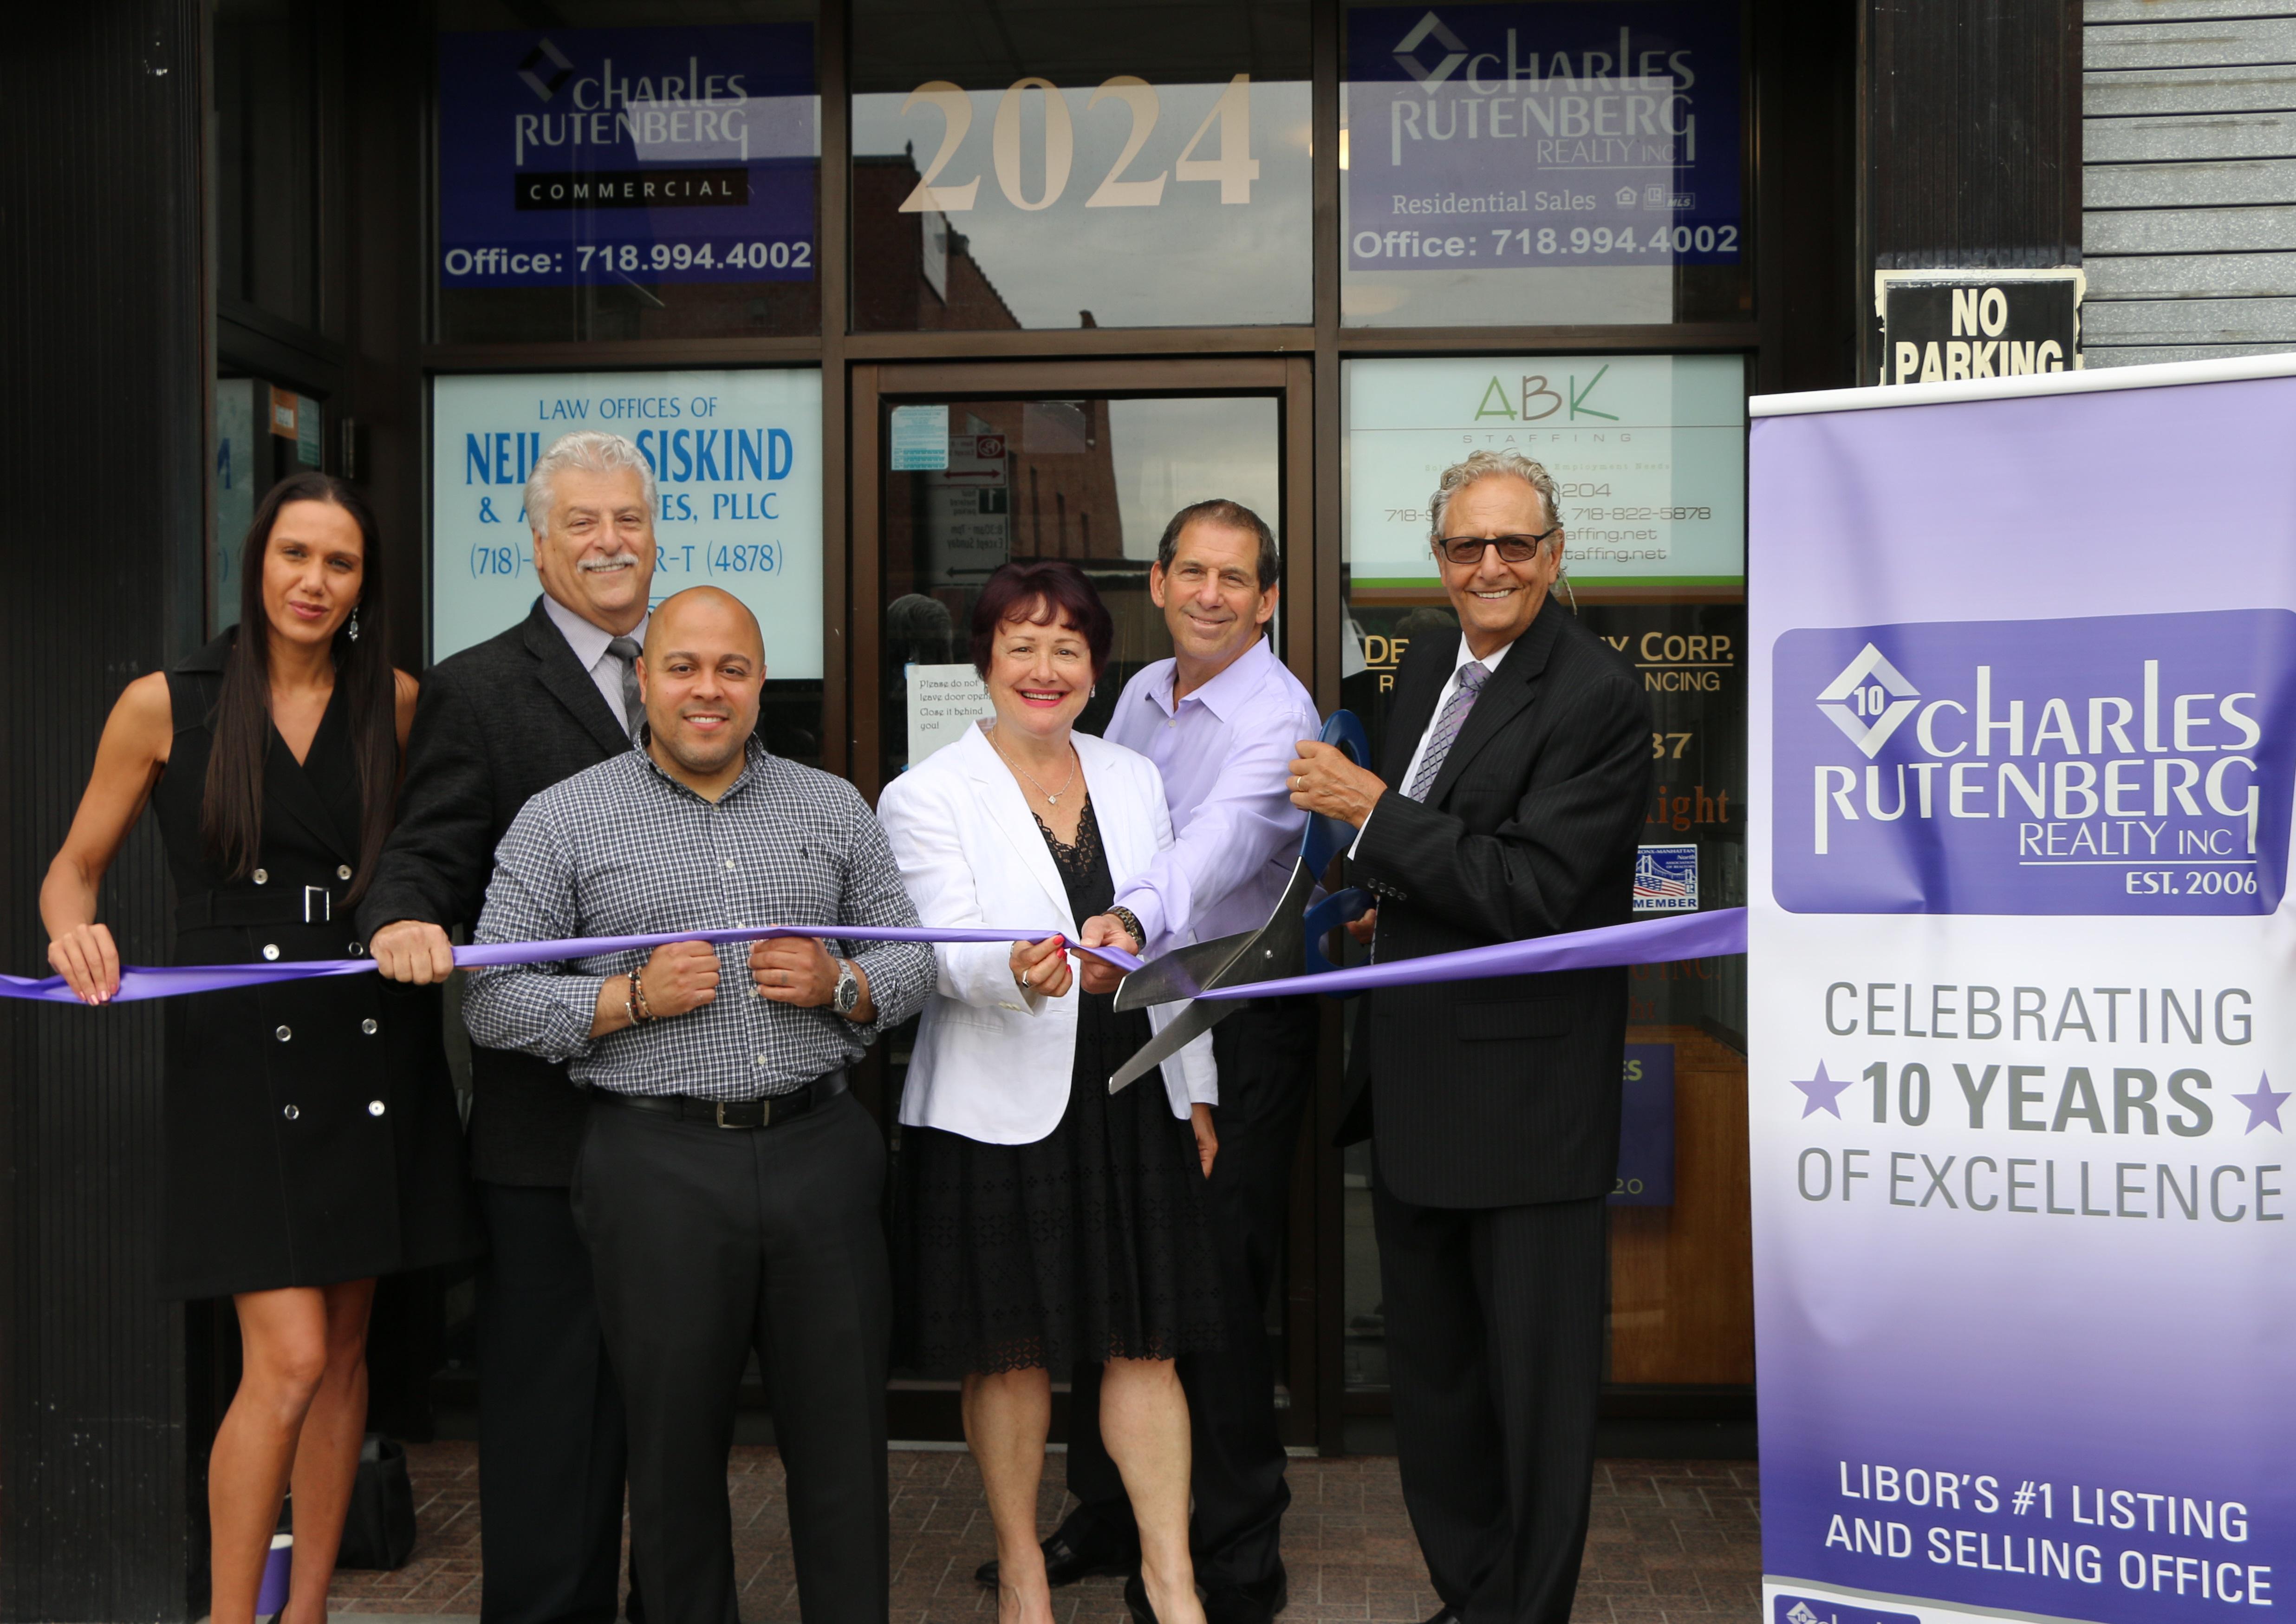 Charles Rutenberg Bronx Opening